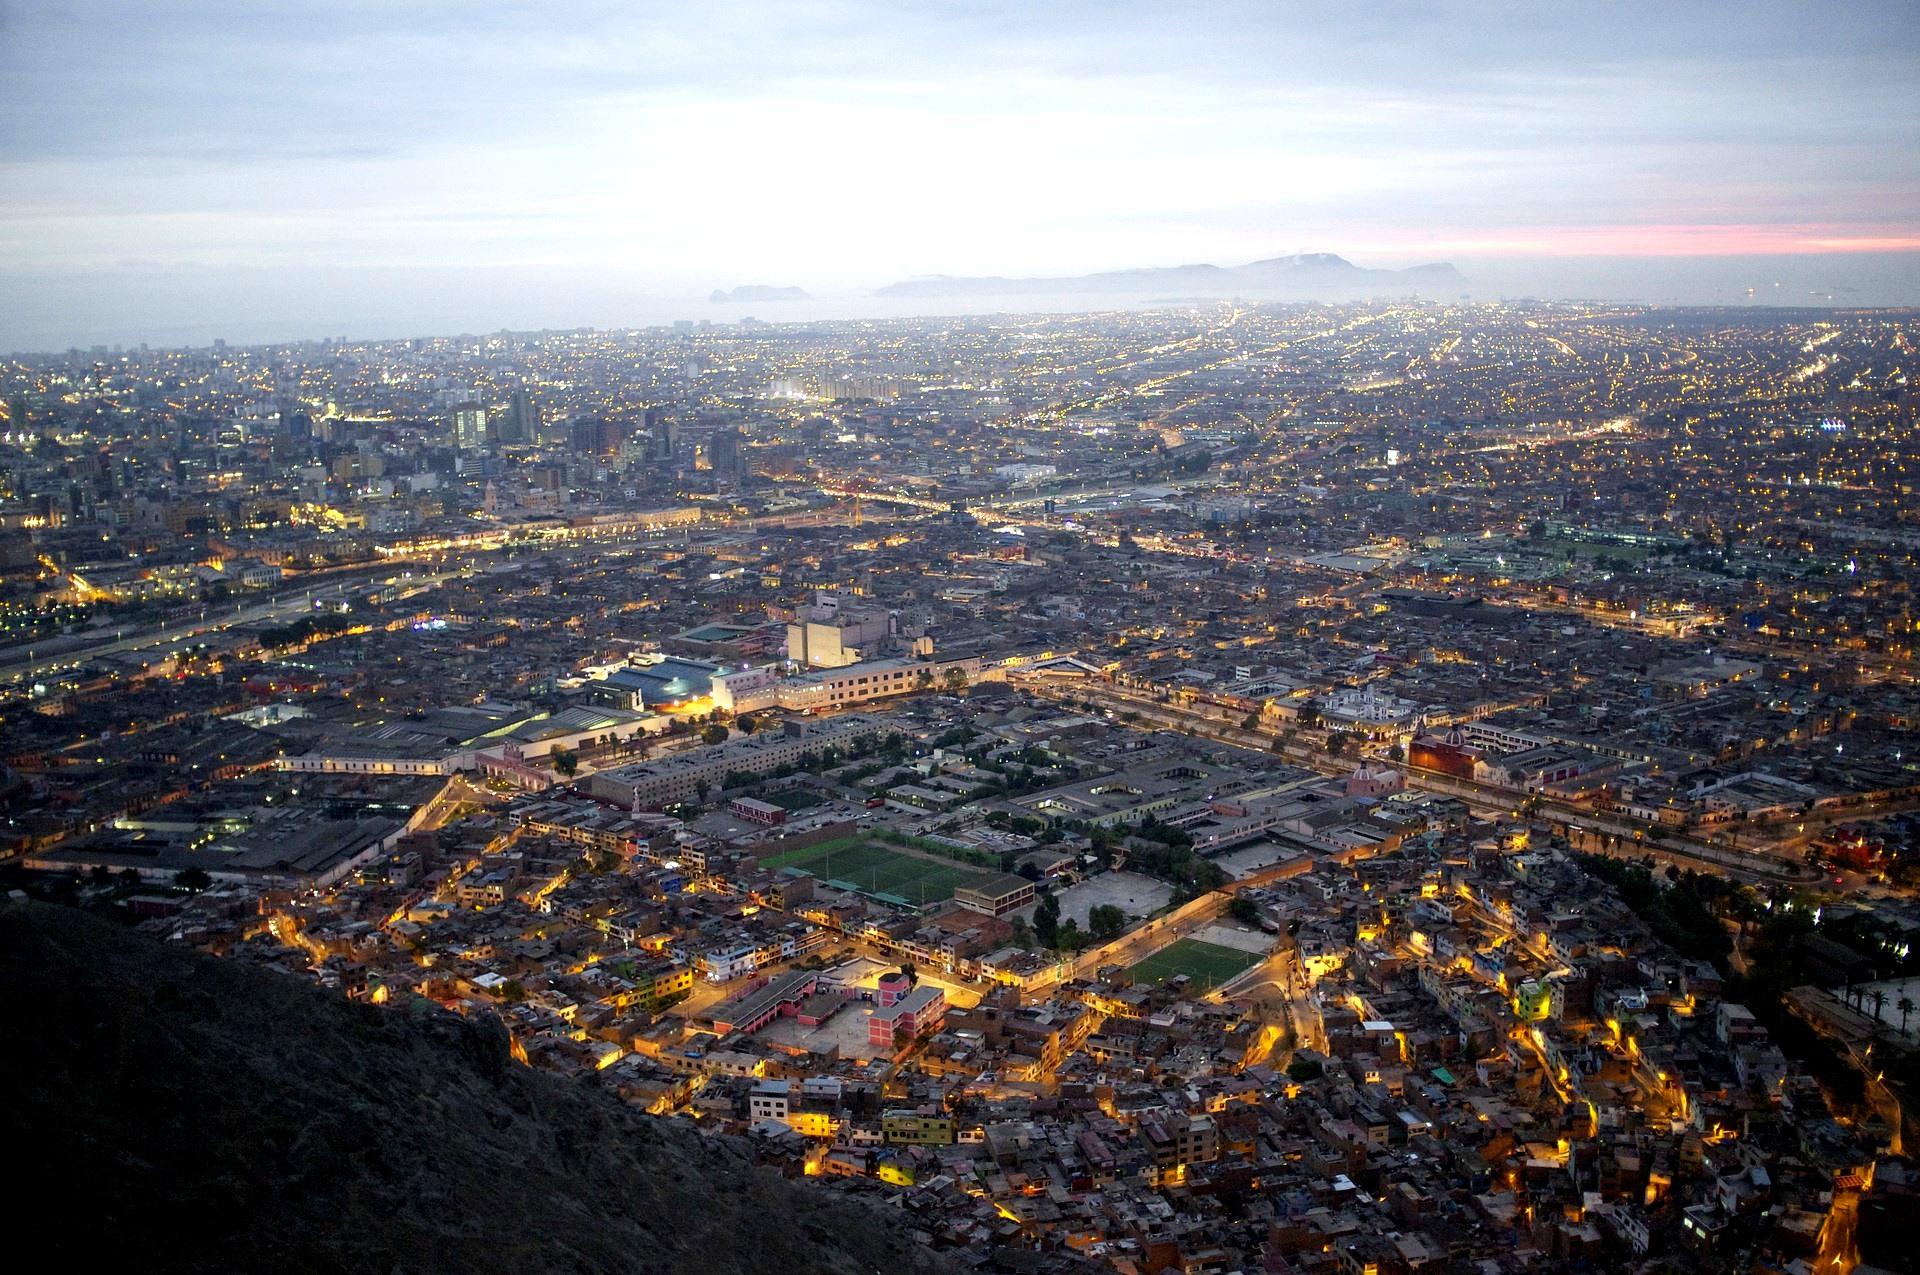 El ruido afecta la calidad de vida en Lima